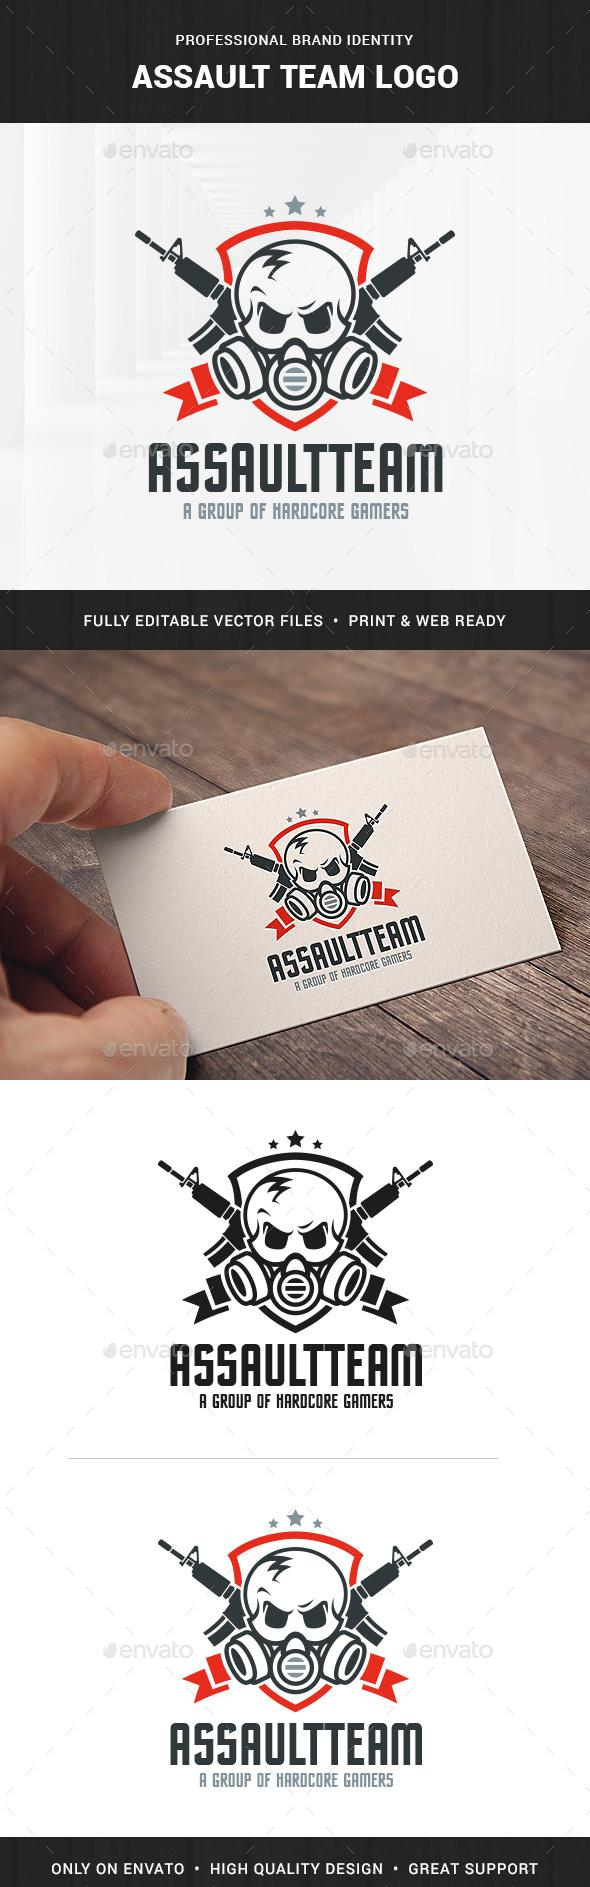 Assault Team Logo Template - Logo Templates